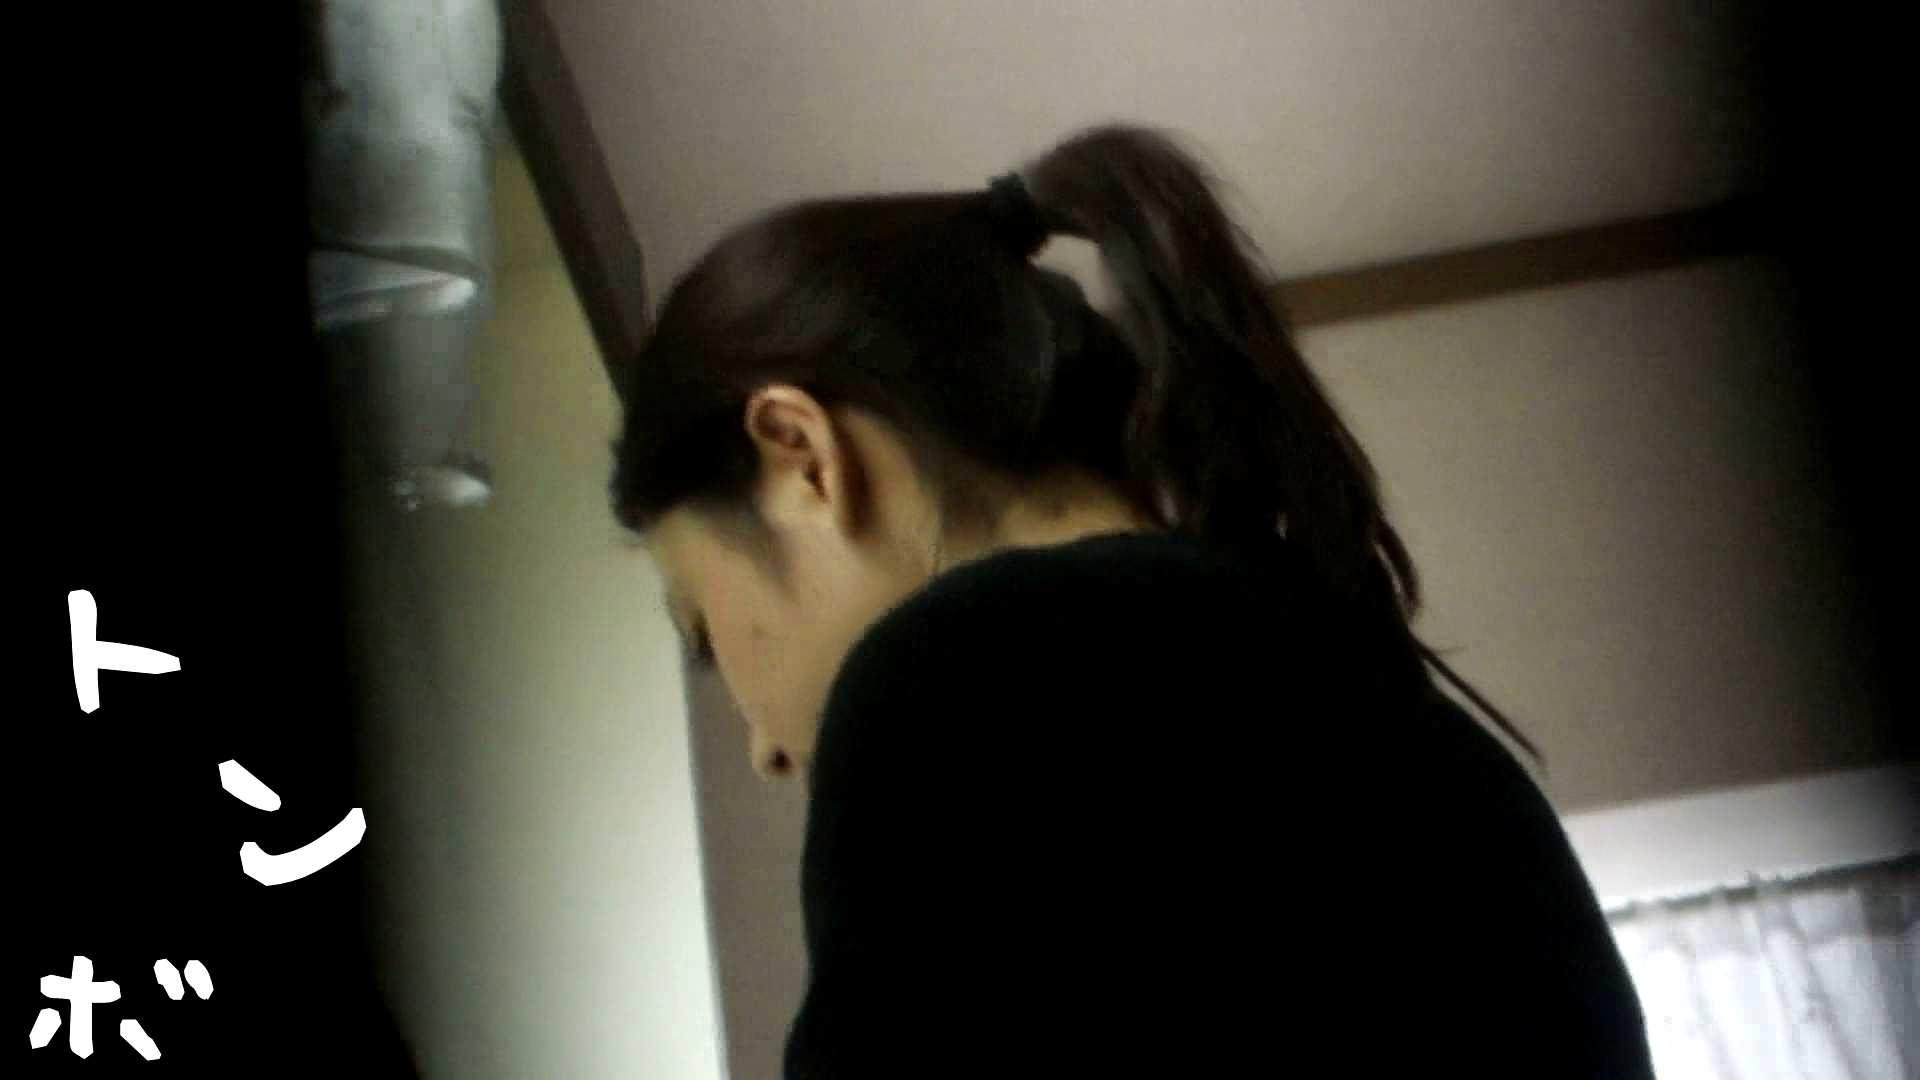 リアル盗撮 美人服飾専門学生の私生活 タレント並みの美人 AV無料 88枚 44